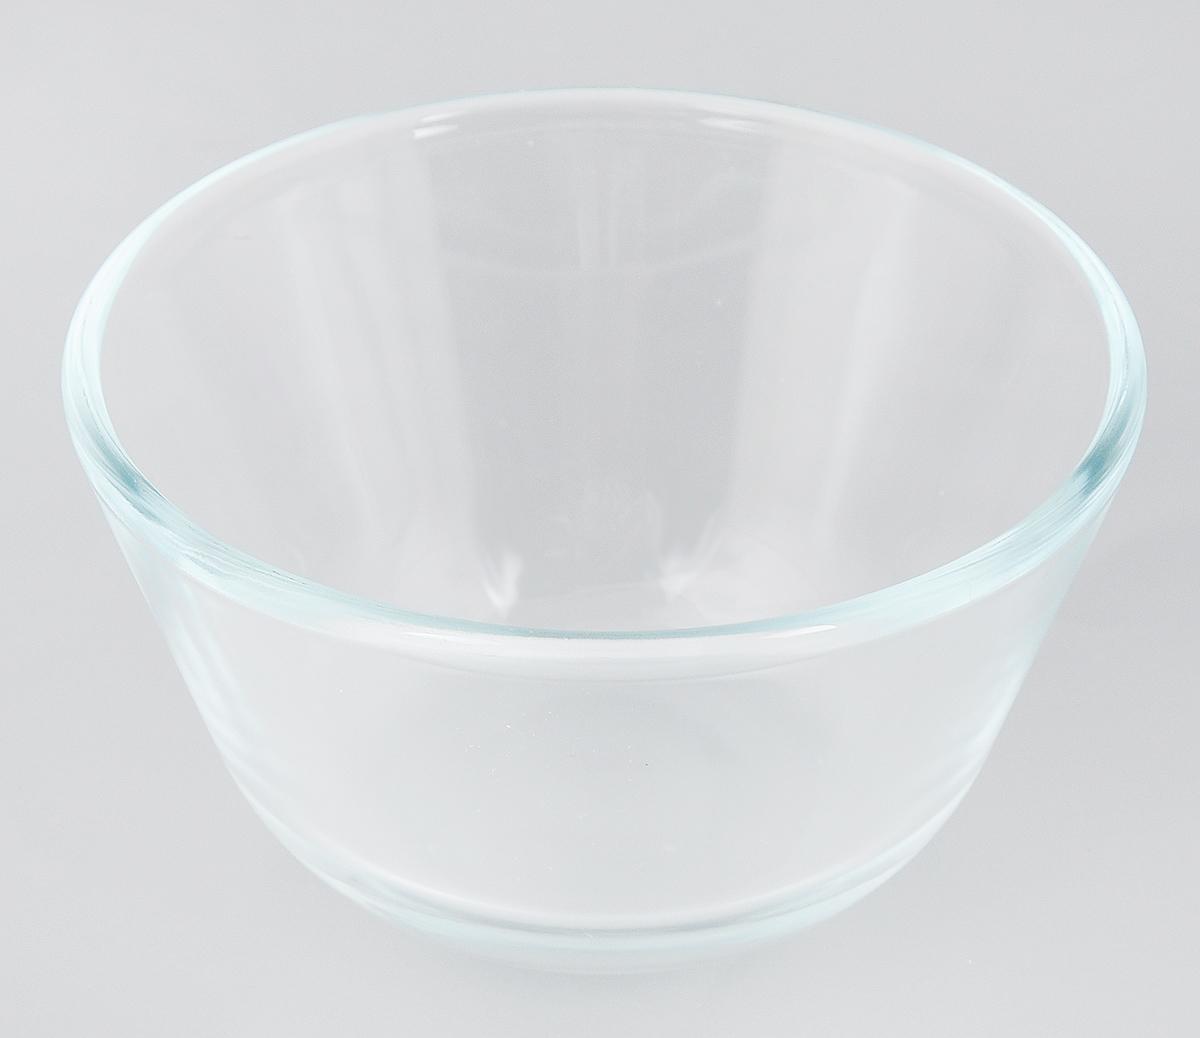 Миска Sсovo, 400 мл610Миска Sсovo изготовлена из термостойкого и экологически чистого стекла. Предназначена для приготовления пищи в духовке, жарочном шкафу и микроволновой печи. Миска прекрасно подойдет для хранения и замораживания различных продуктов, а также для сервировки и декоративного оформления праздничного стола. Миска Sсovo станет незаменимым аксессуаром на кухне для любой хозяйки. Можно мыть в посудомоечной машине. Высота стенки: 6,5 см. Диаметр миски (по верхнему краю): 12,5 см.